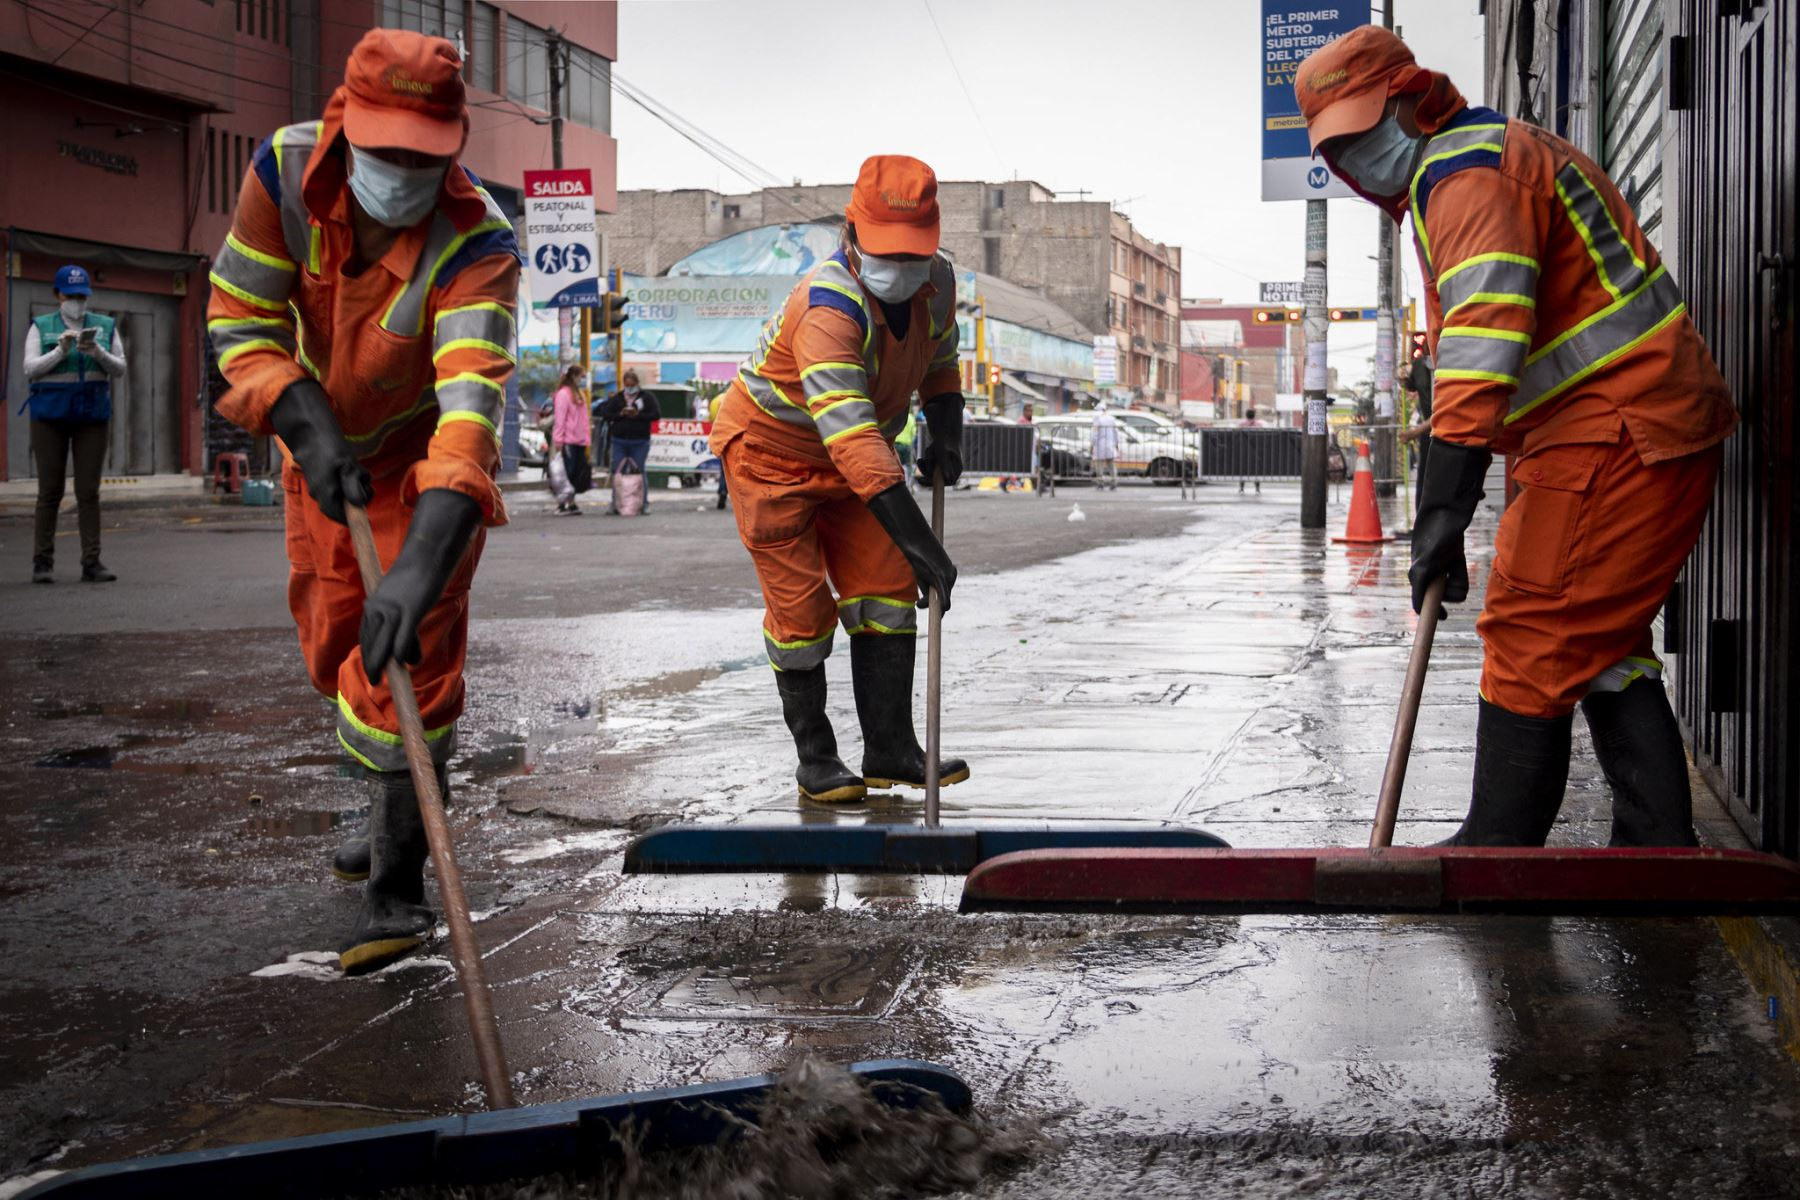 La iniciativa contó con la participación de 10 operarios municipales de limpieza, que usaron un camión cisterna para el proceso de lavado y cuatro pulverizadores para la desinfección. Foto: ANDINA/MML